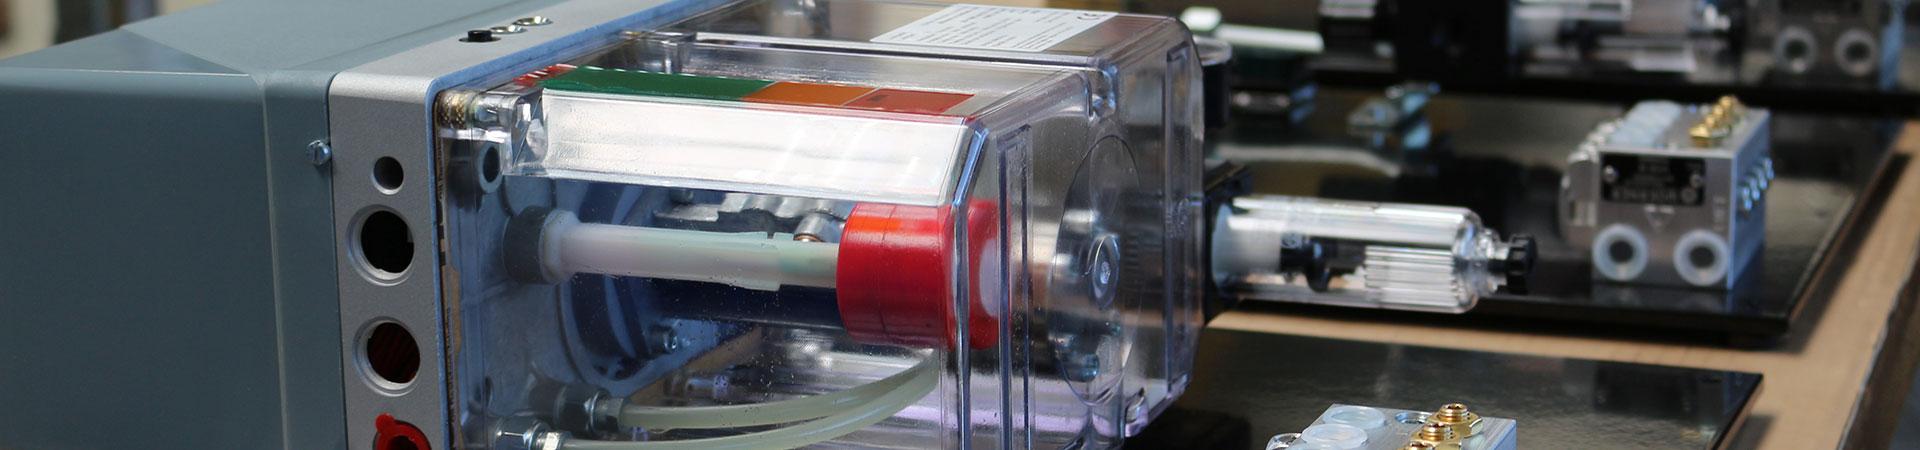 Однолинейные насосы и агрегаты Woerner